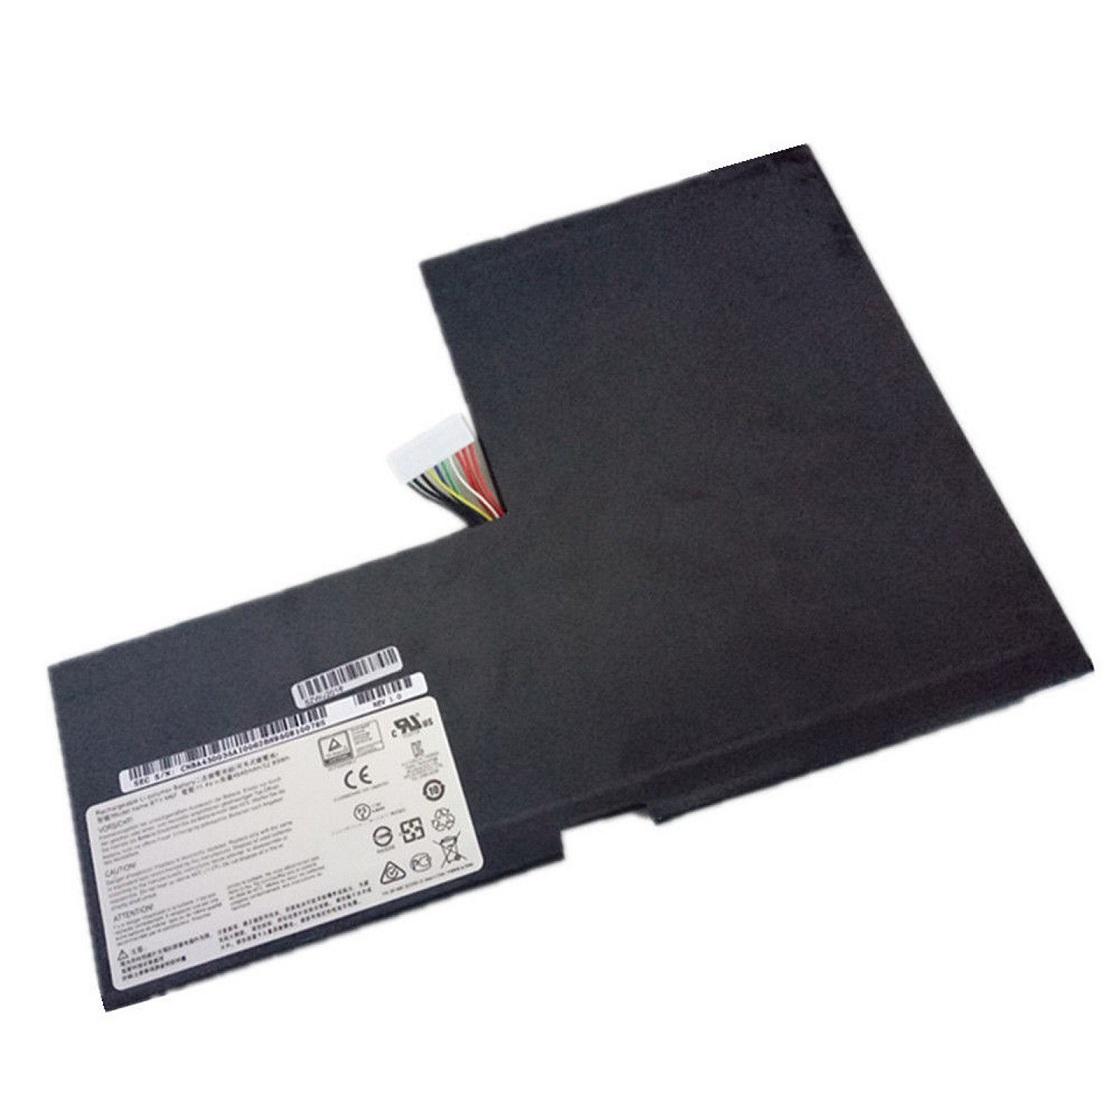 Batteri til BTY-M6F MSI GS60 MS-16H2 2PL 6QE 2QE 6QC 6QC-257XCN (kompatibelt)